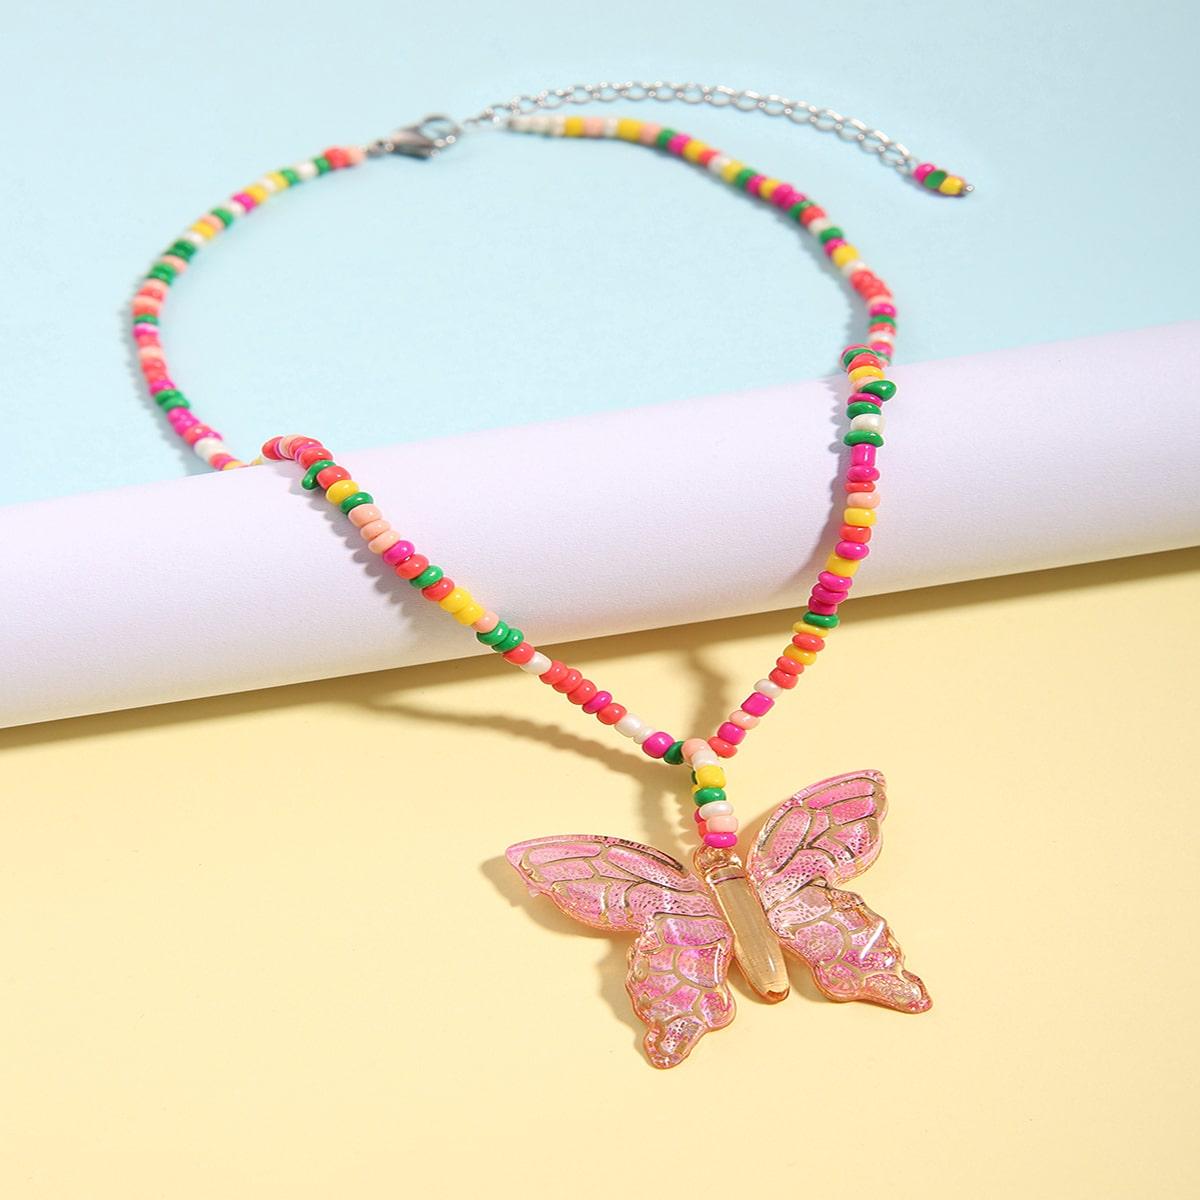 SHEIN / Mädchen Halskette mit Schmetterling Anhänger und Kette